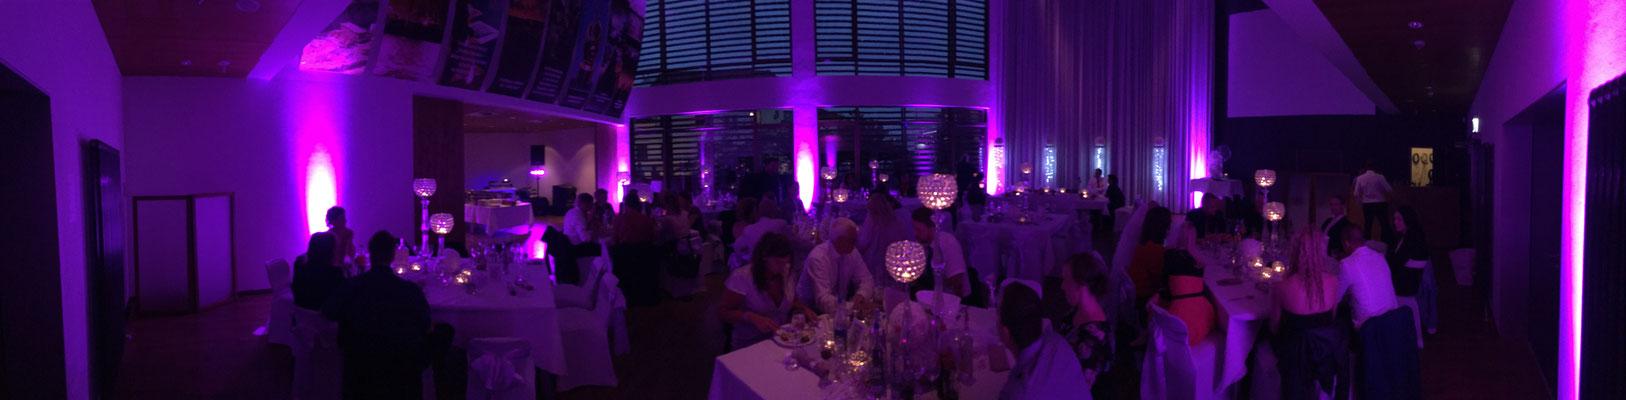 Hochzeit im Deutschen Auswandererhaus - dazu unser Lichtpaket für ein tolles Ambiente